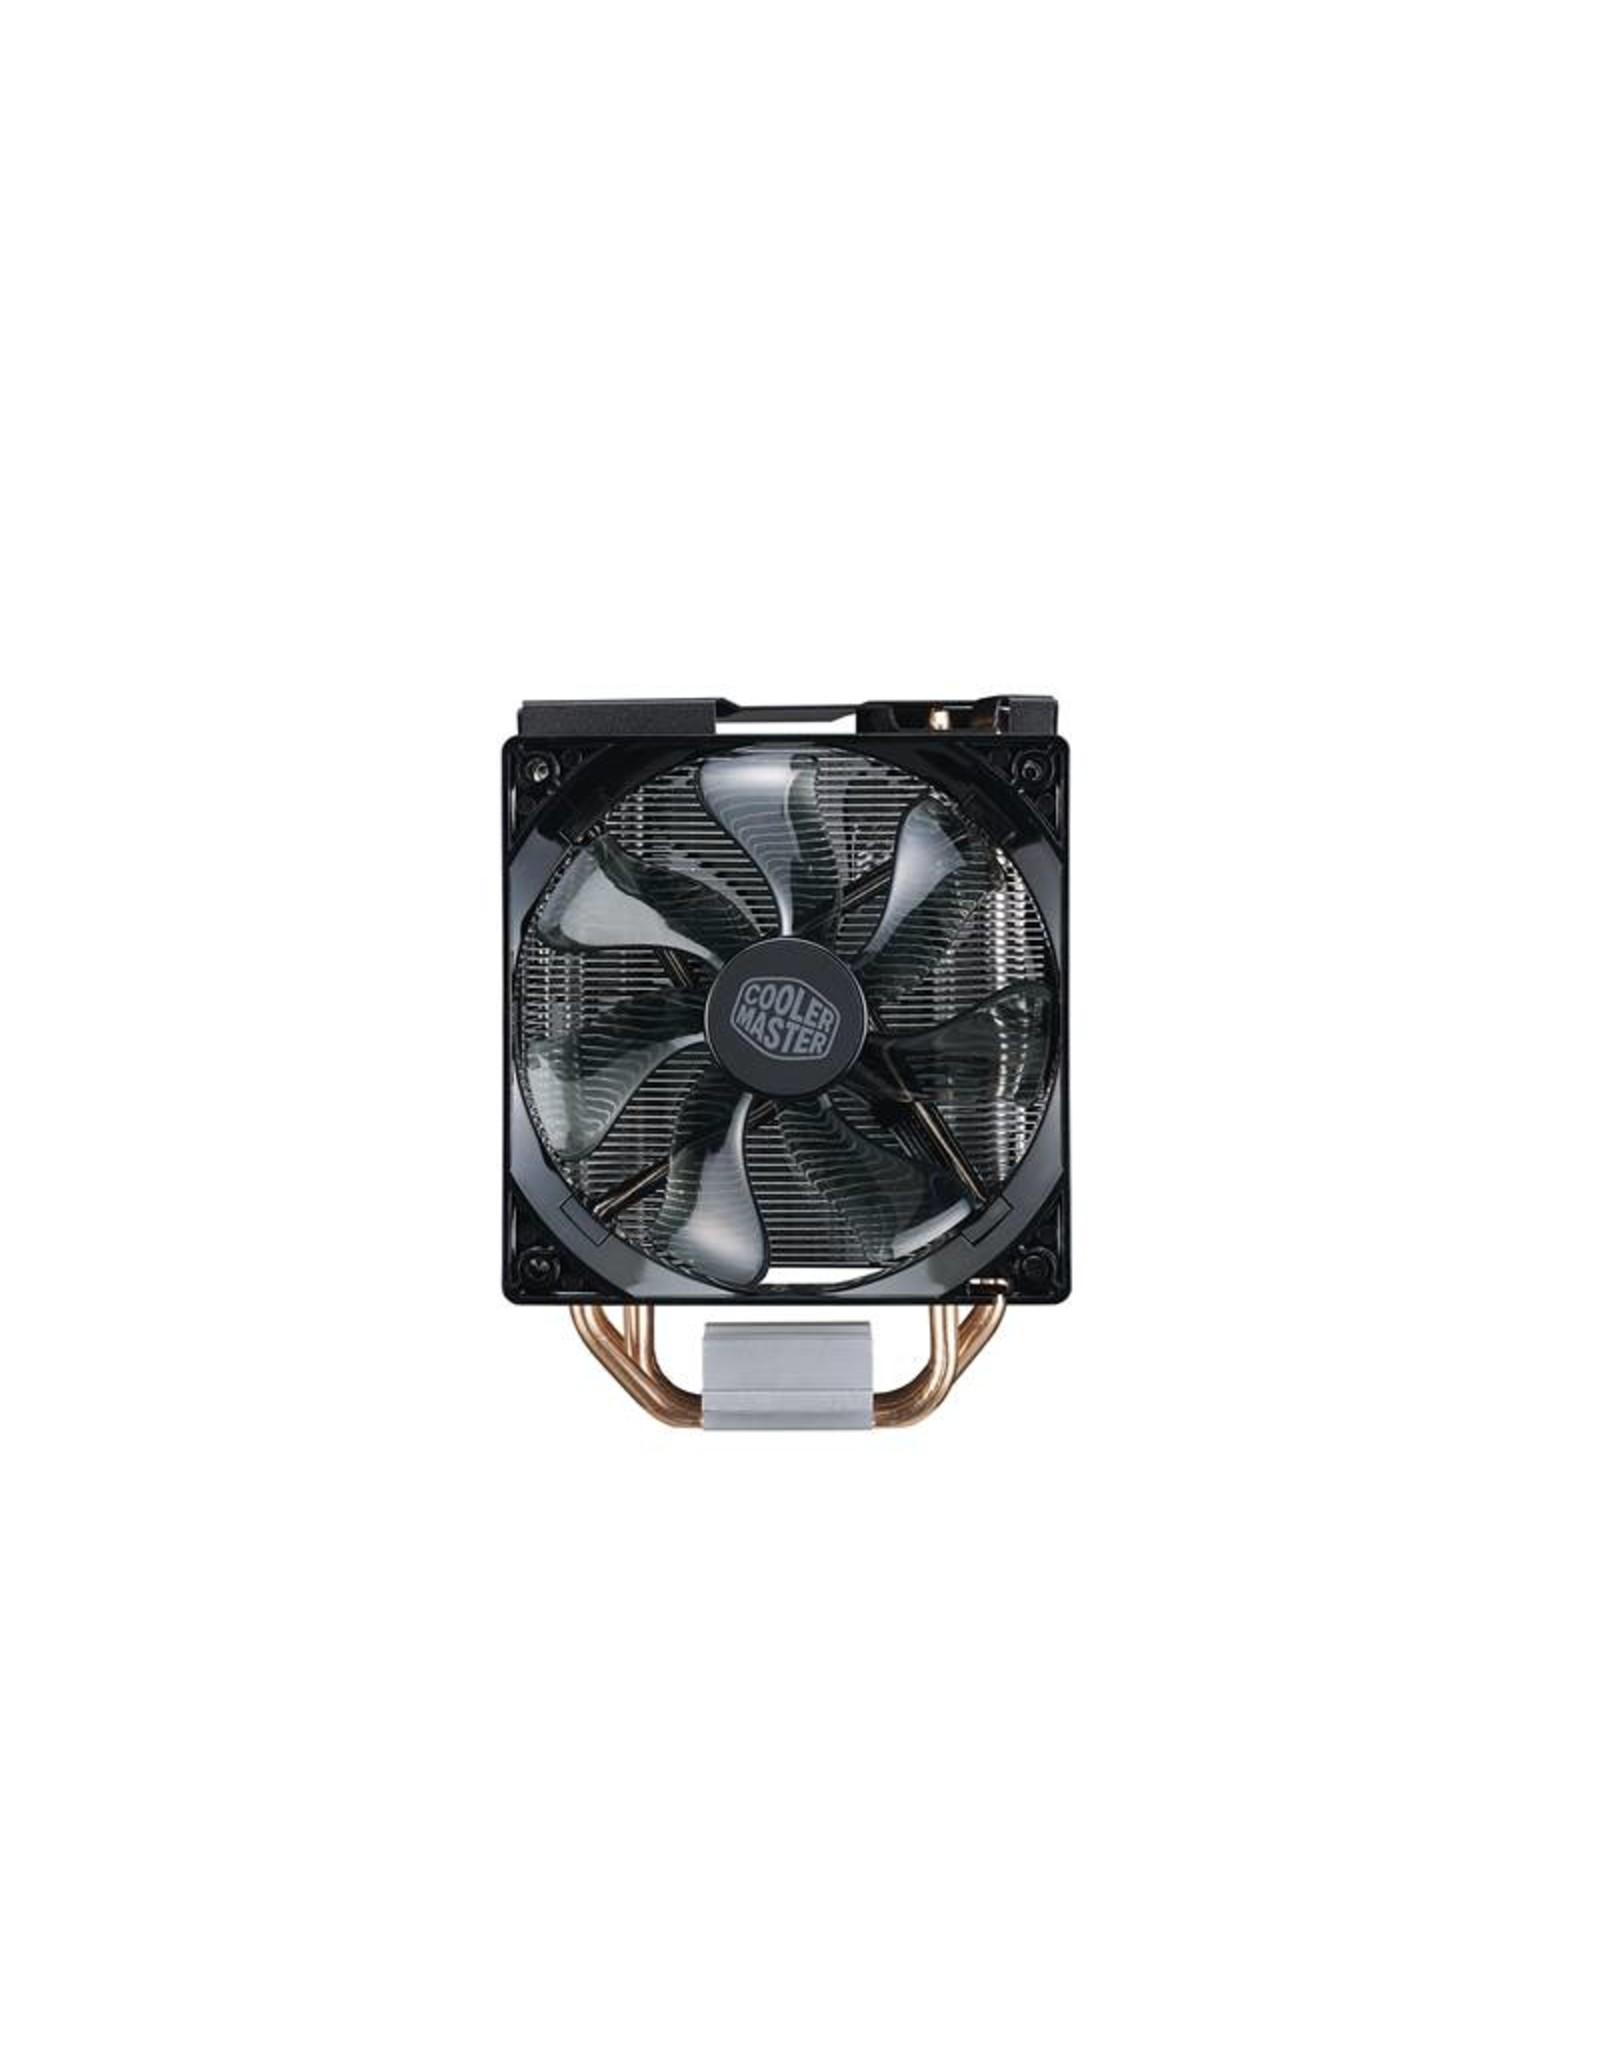 Cooler Master Cooler Master Hyper 212 LED Turbo Processor Koeler